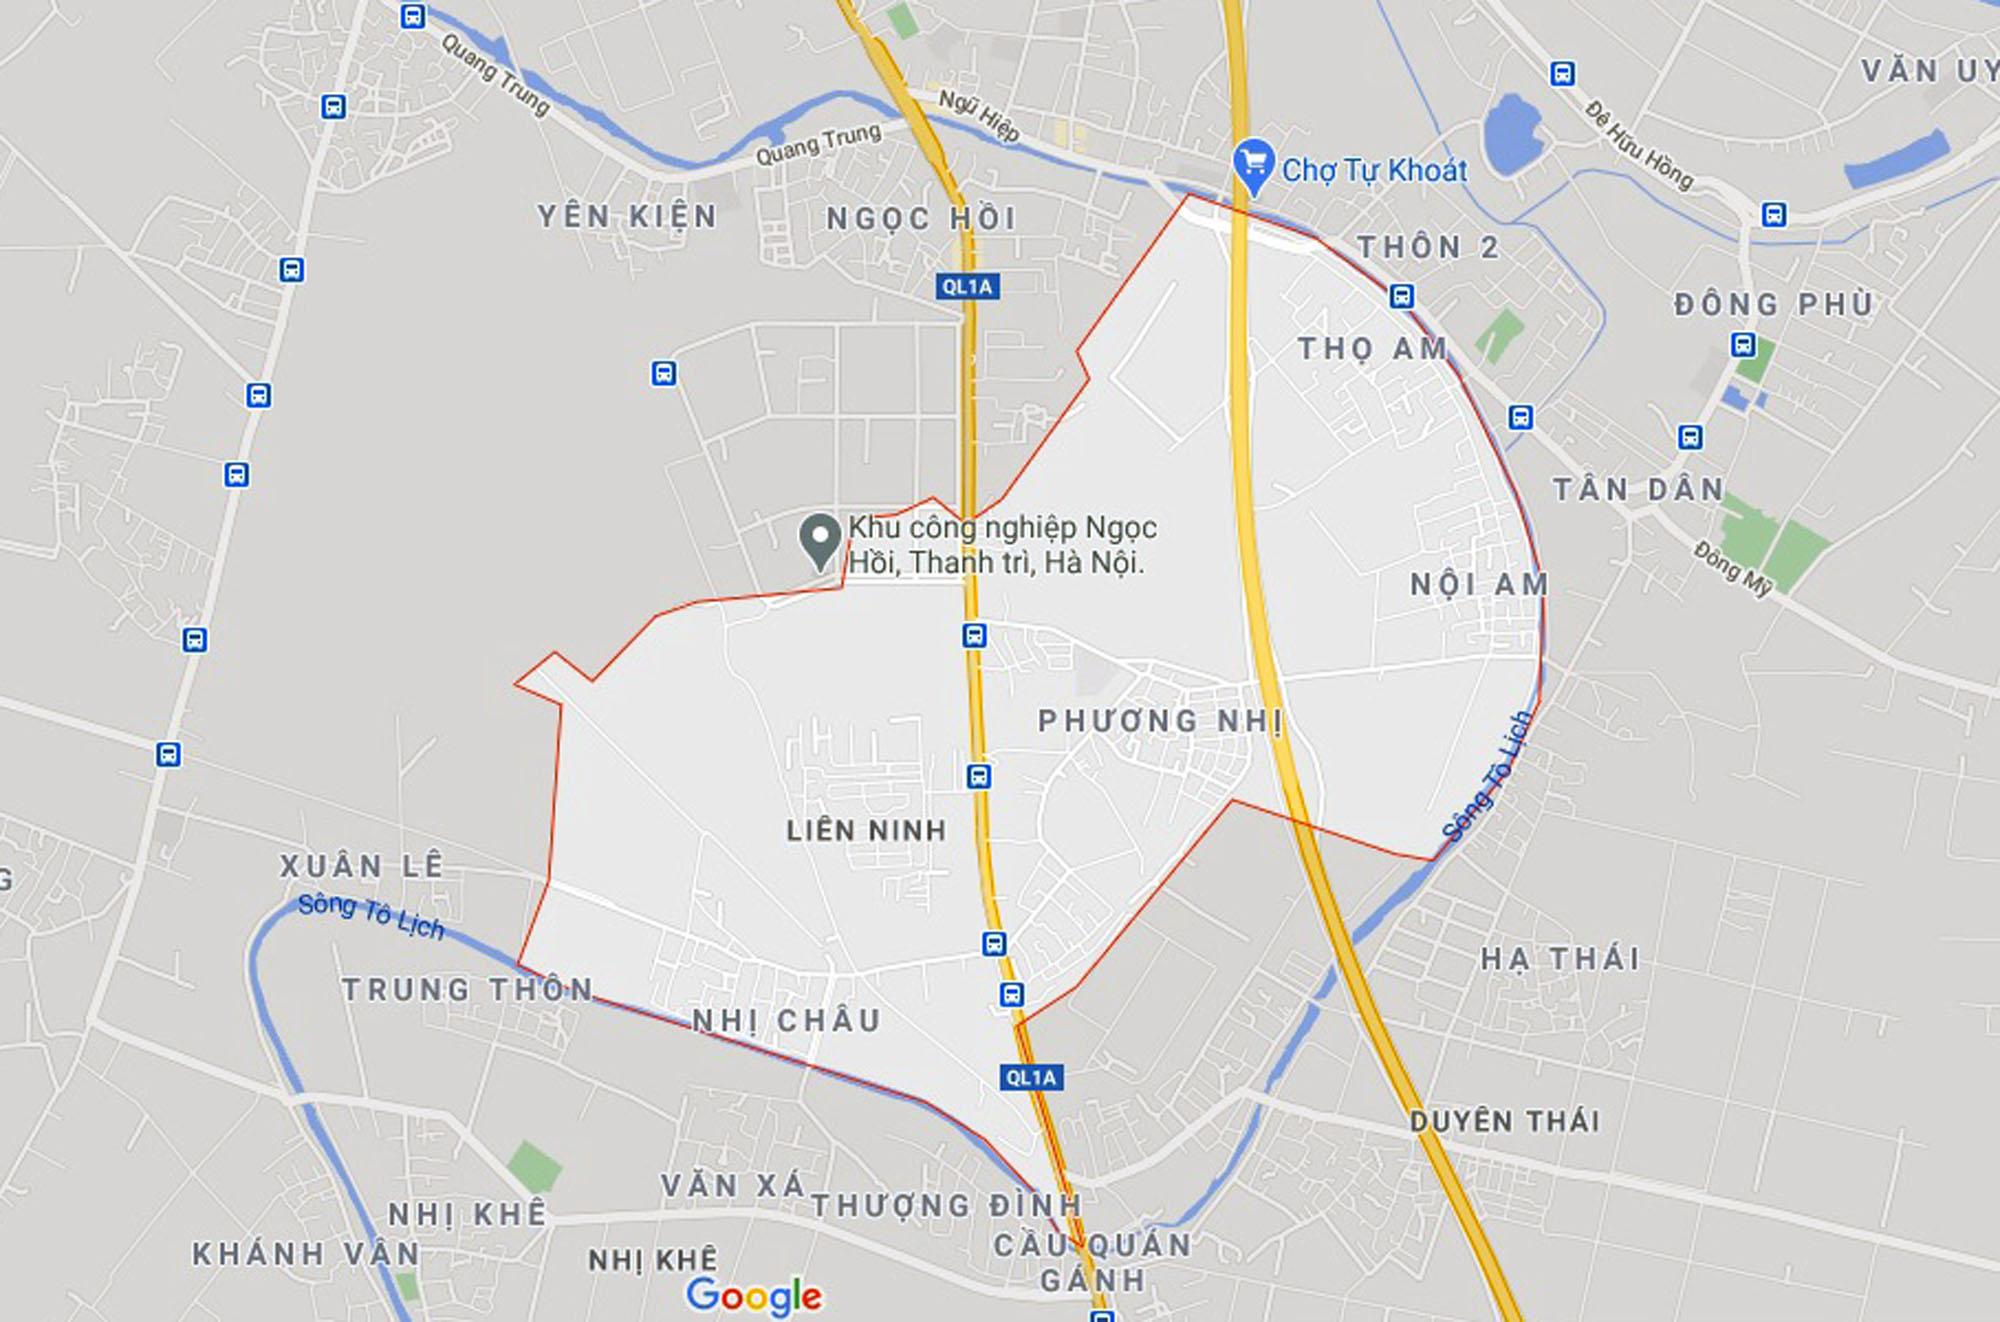 Ba đường sẽ mở theo quy hoạch ở xã Liên Ninh, Thanh Trì, Hà Nội - Ảnh 1.